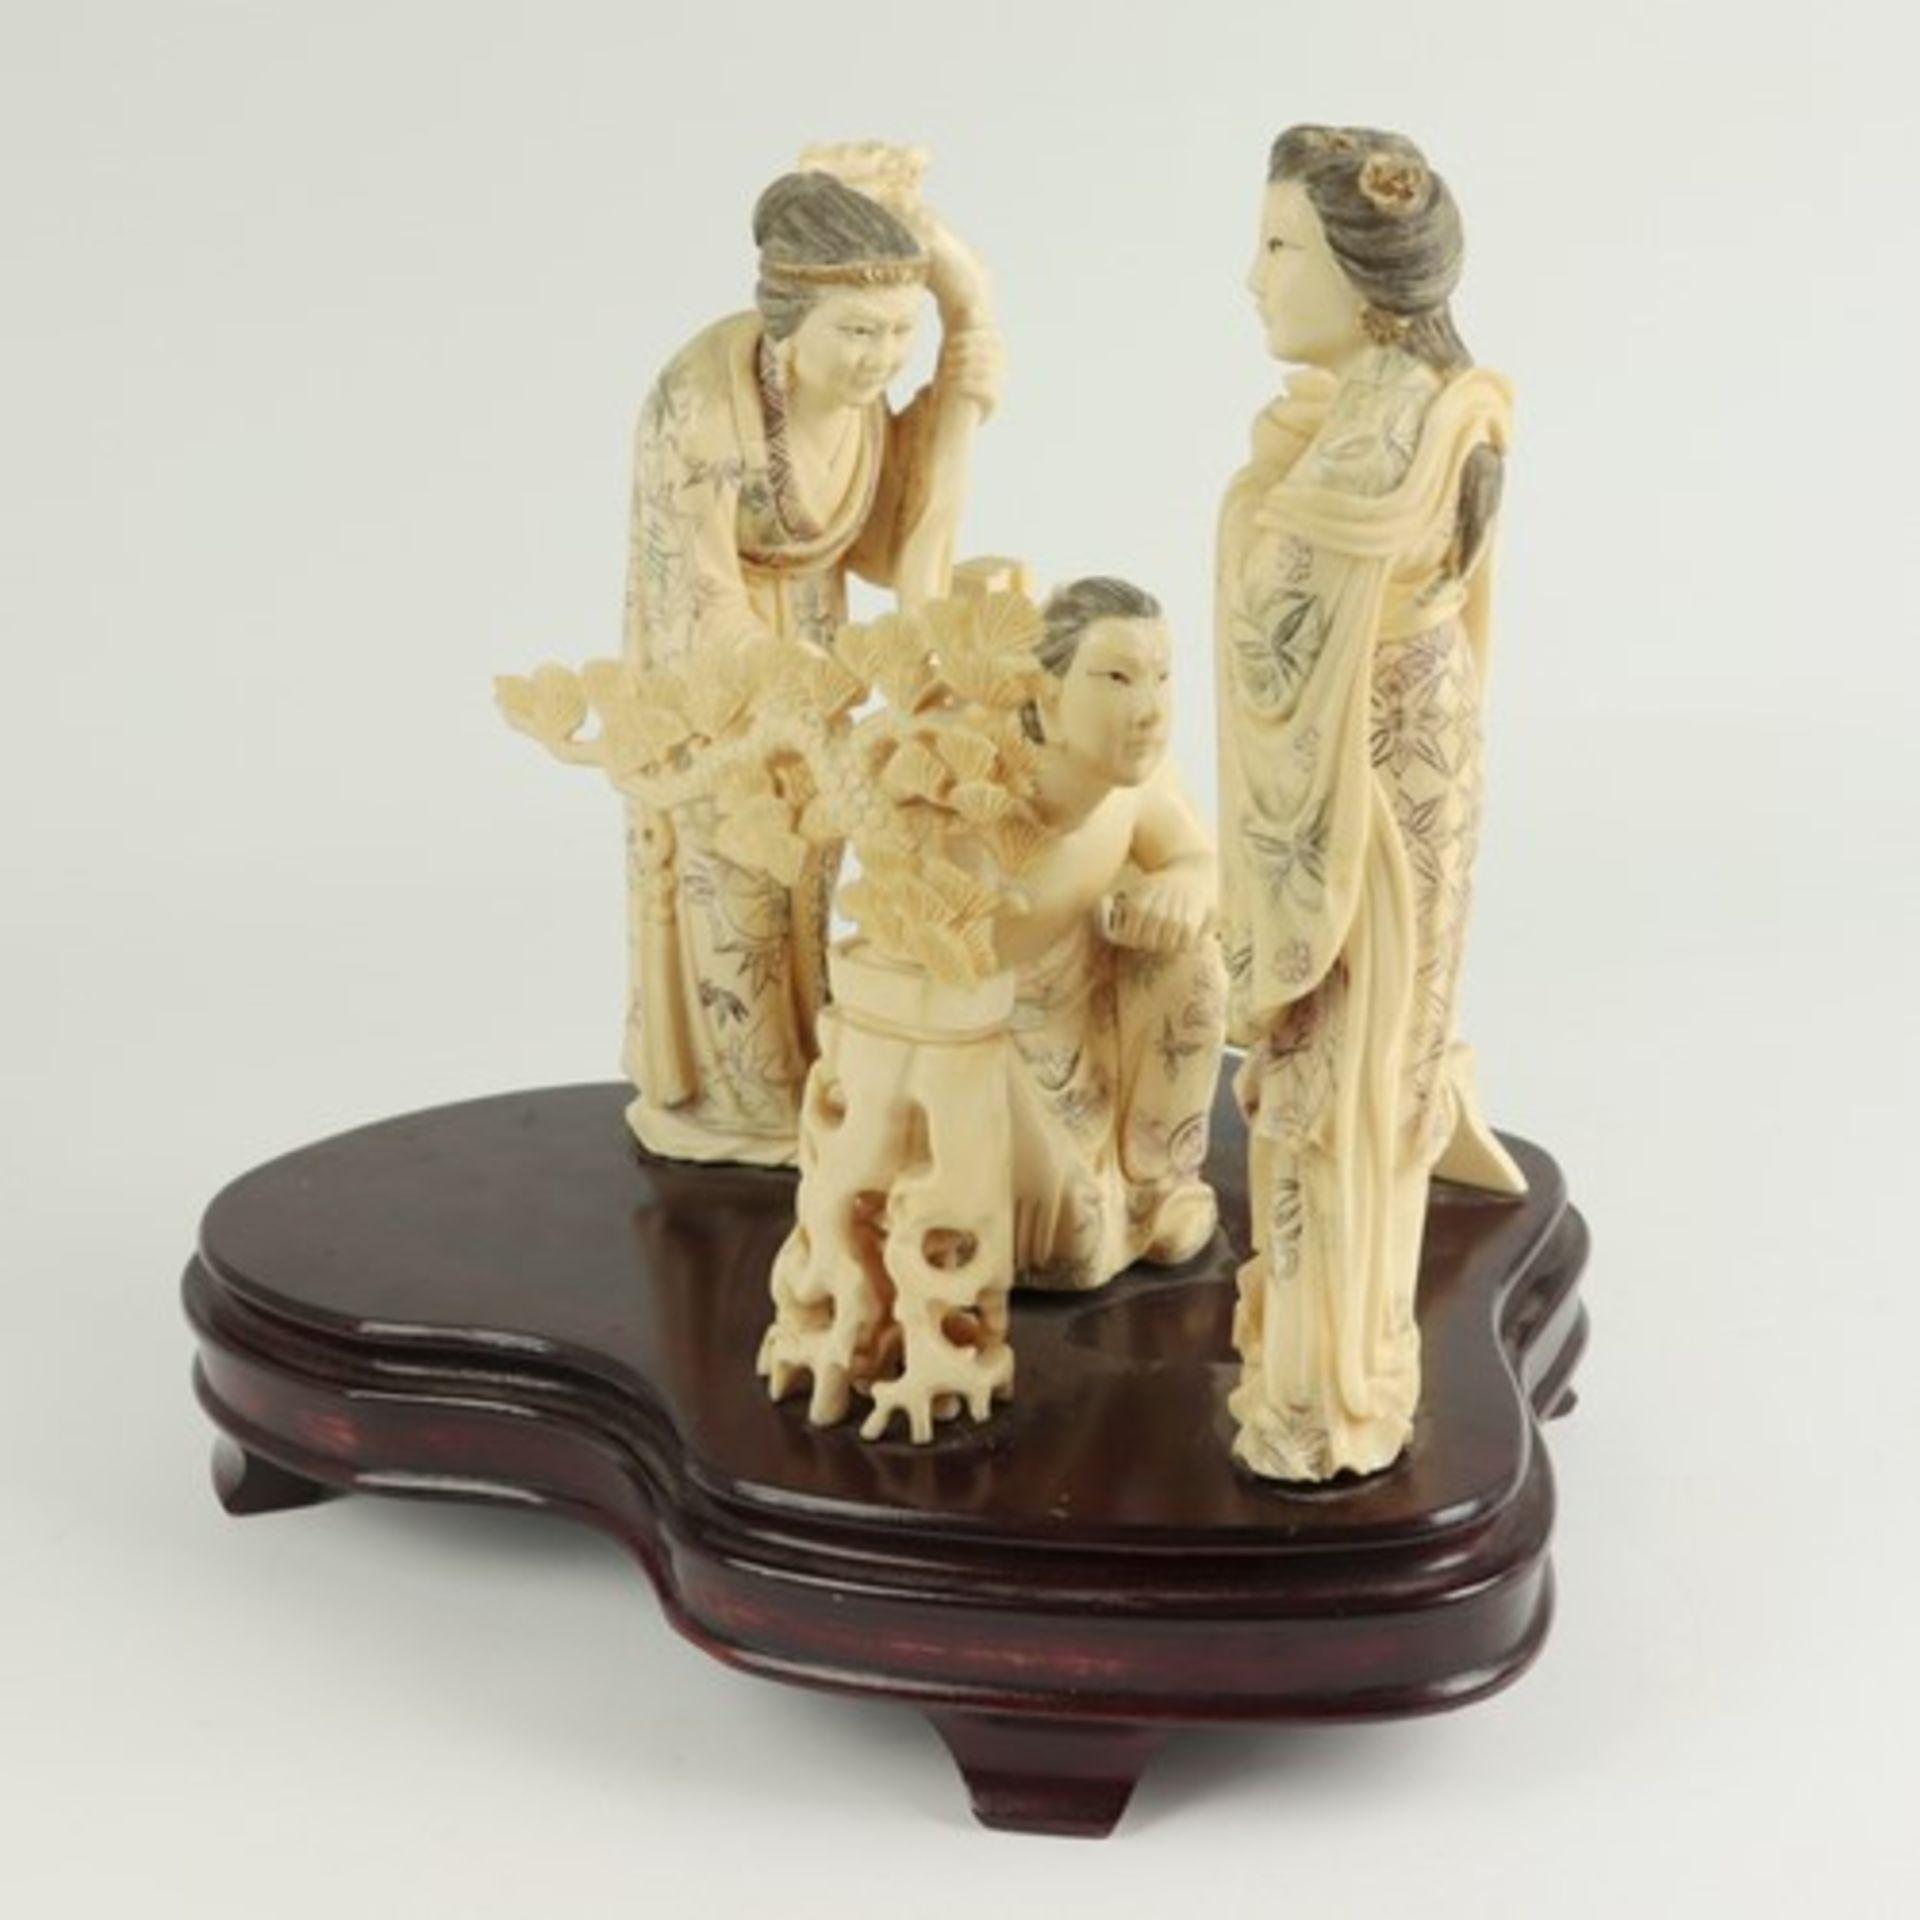 Figurengruppe - Elfenbeinschnitzereium 1900/10, auf geschwungenem, profiliertem Holzsockel,